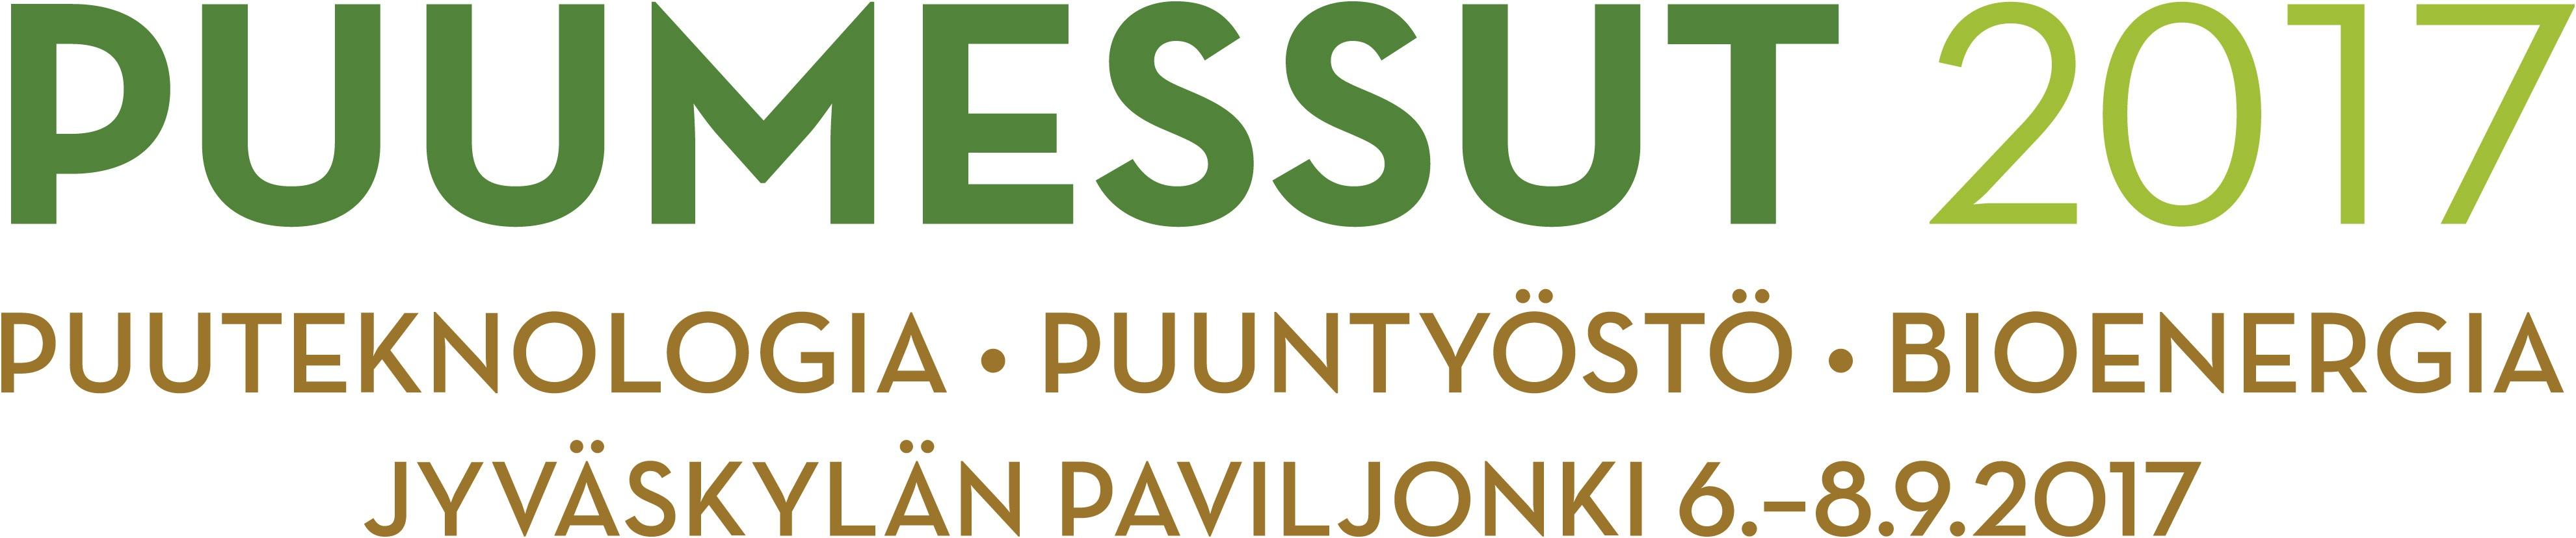 SigmaTrukit mukana Puumessuilla Jyväskylässä 6 - 8.9.2017